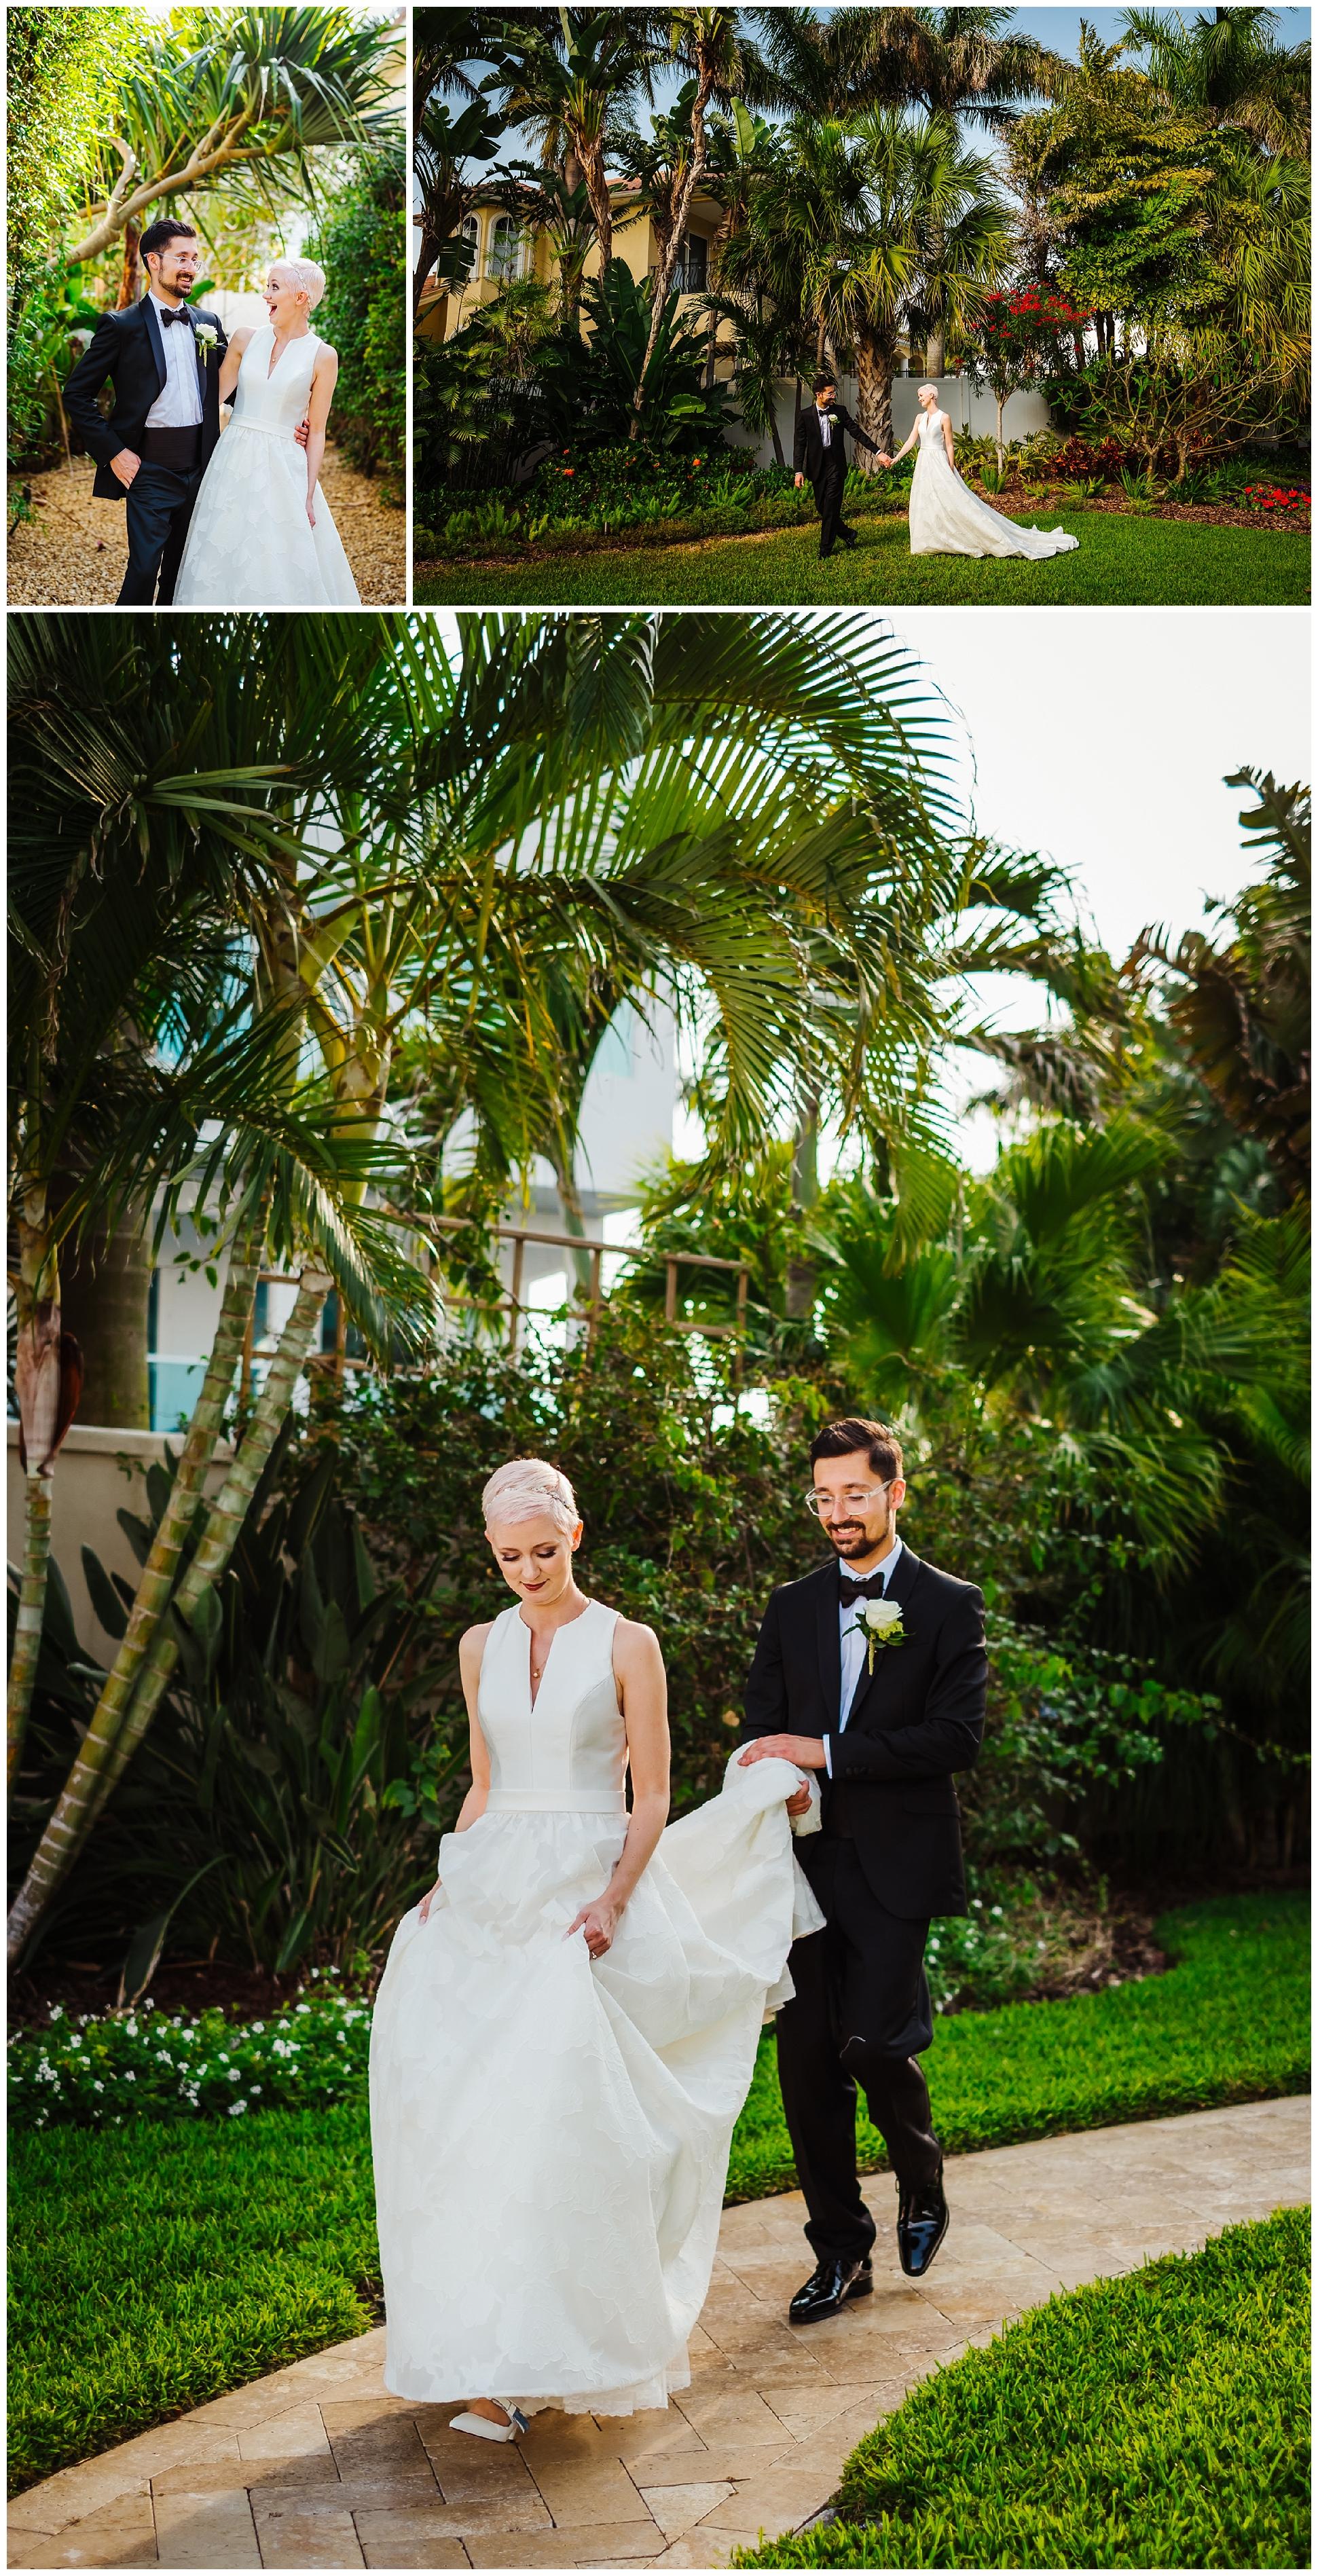 tierra-verde-st-pete-florida-home-luxury-wedding-greenery-pink-pixie-bride_0028.jpg